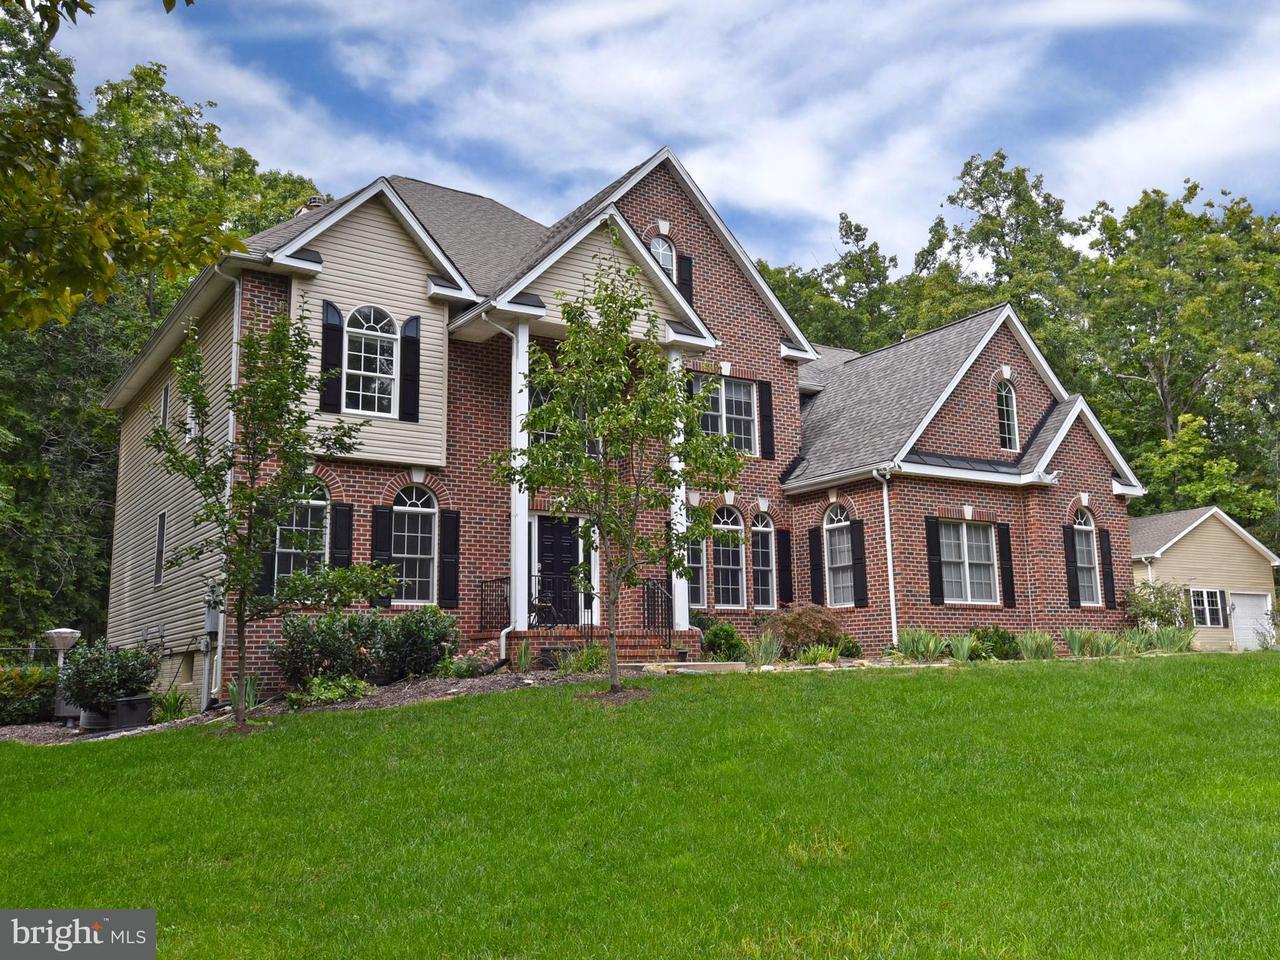 獨棟家庭住宅 為 出售 在 13012 THORNTON Drive 13012 THORNTON Drive Catharpin, 弗吉尼亞州 20143 美國